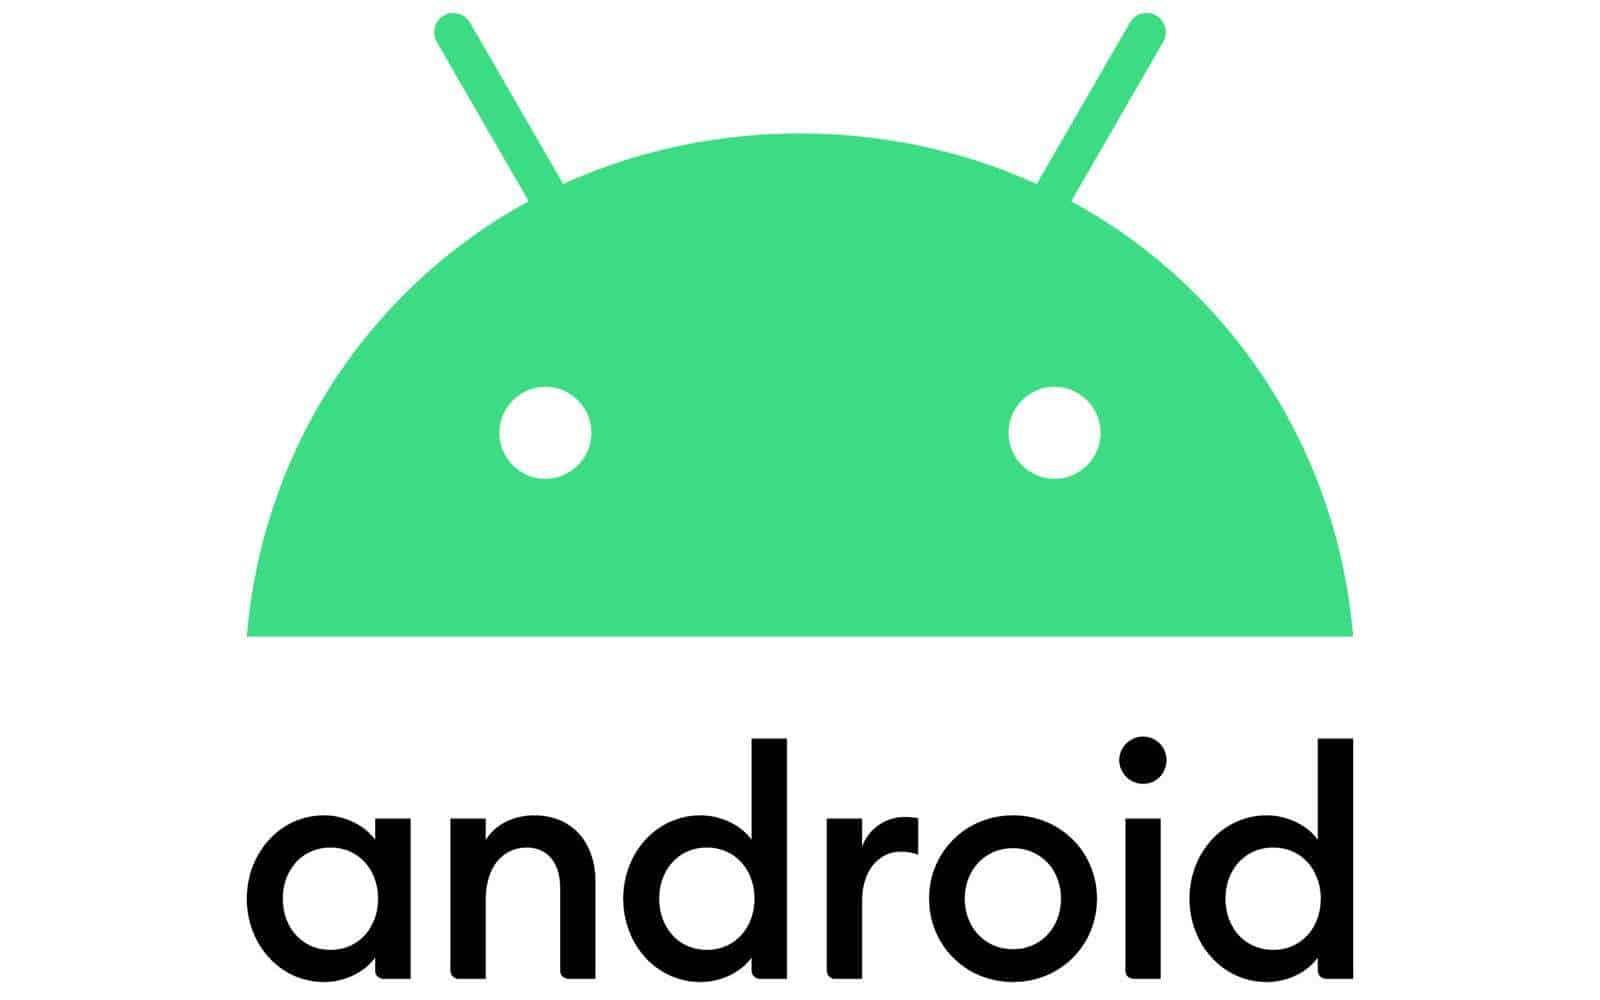 Google Musnahkan 98 Persen Aplikasi Mata-mata di Play Store - JPNN.com